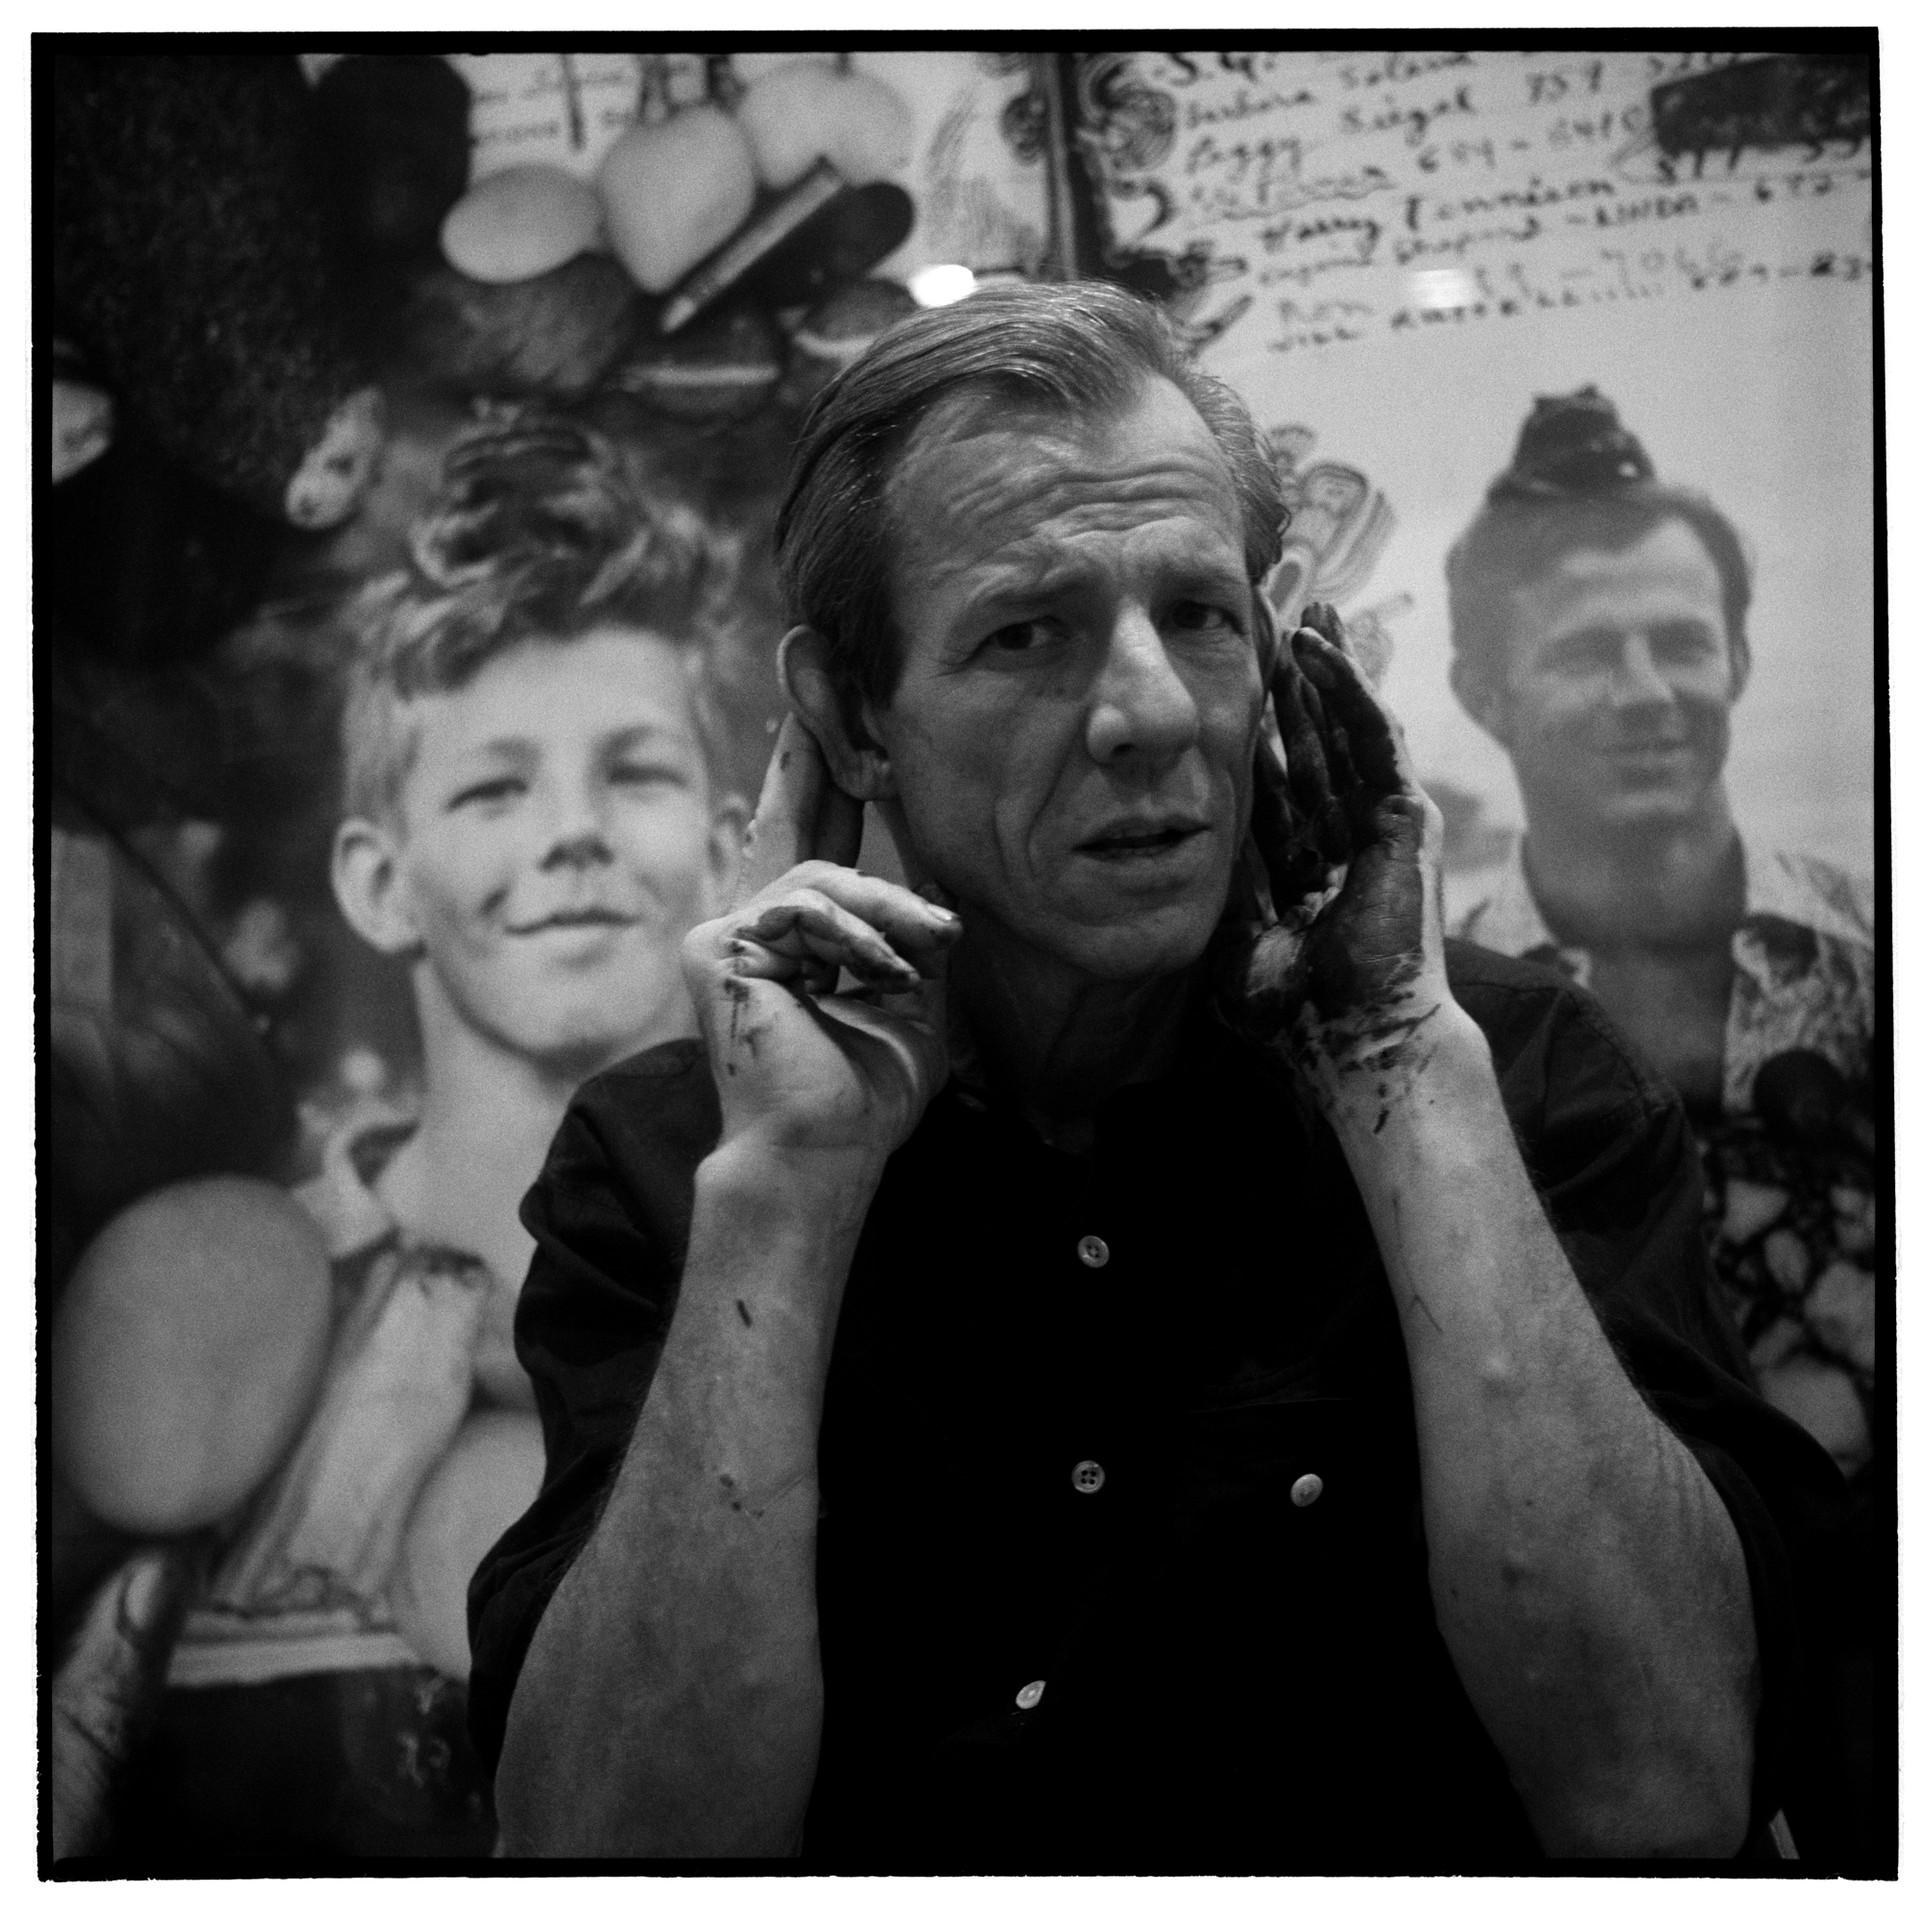 Peter Beard Paris '96 #2